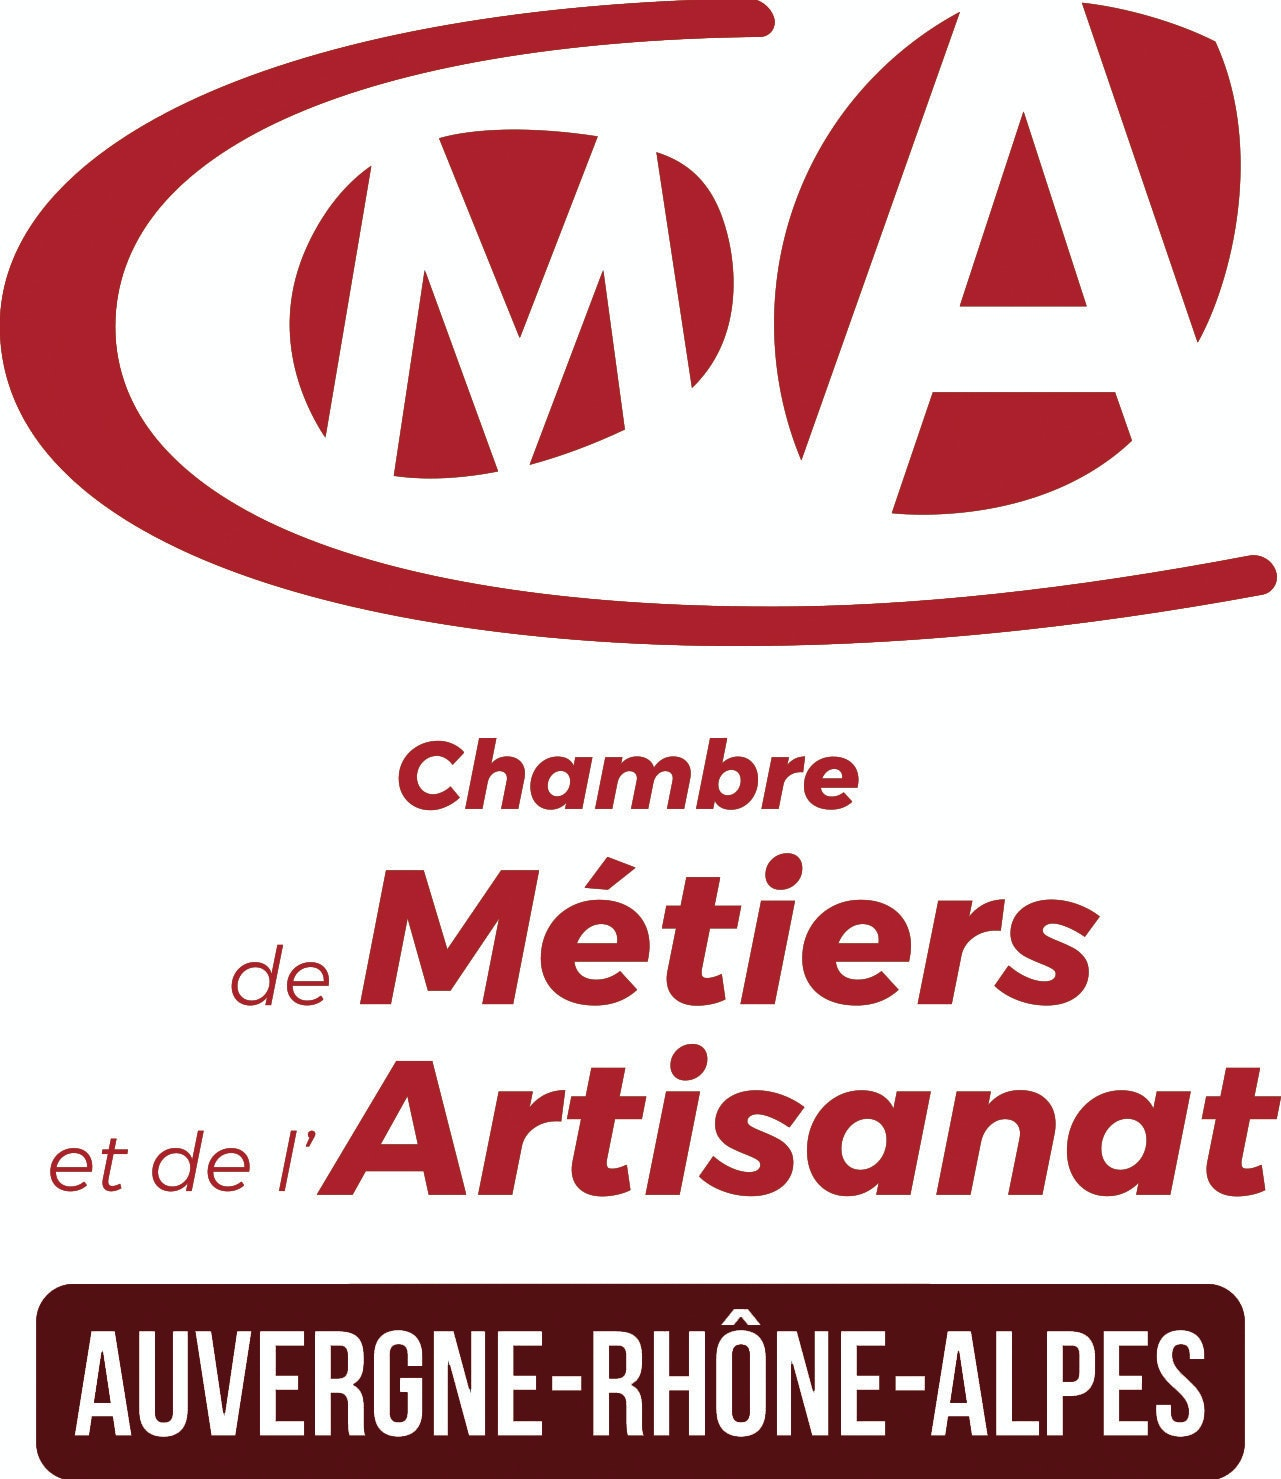 Chambre Régionale de Métiers et de l'Artisanat Auvergne-Rhône-Alpes